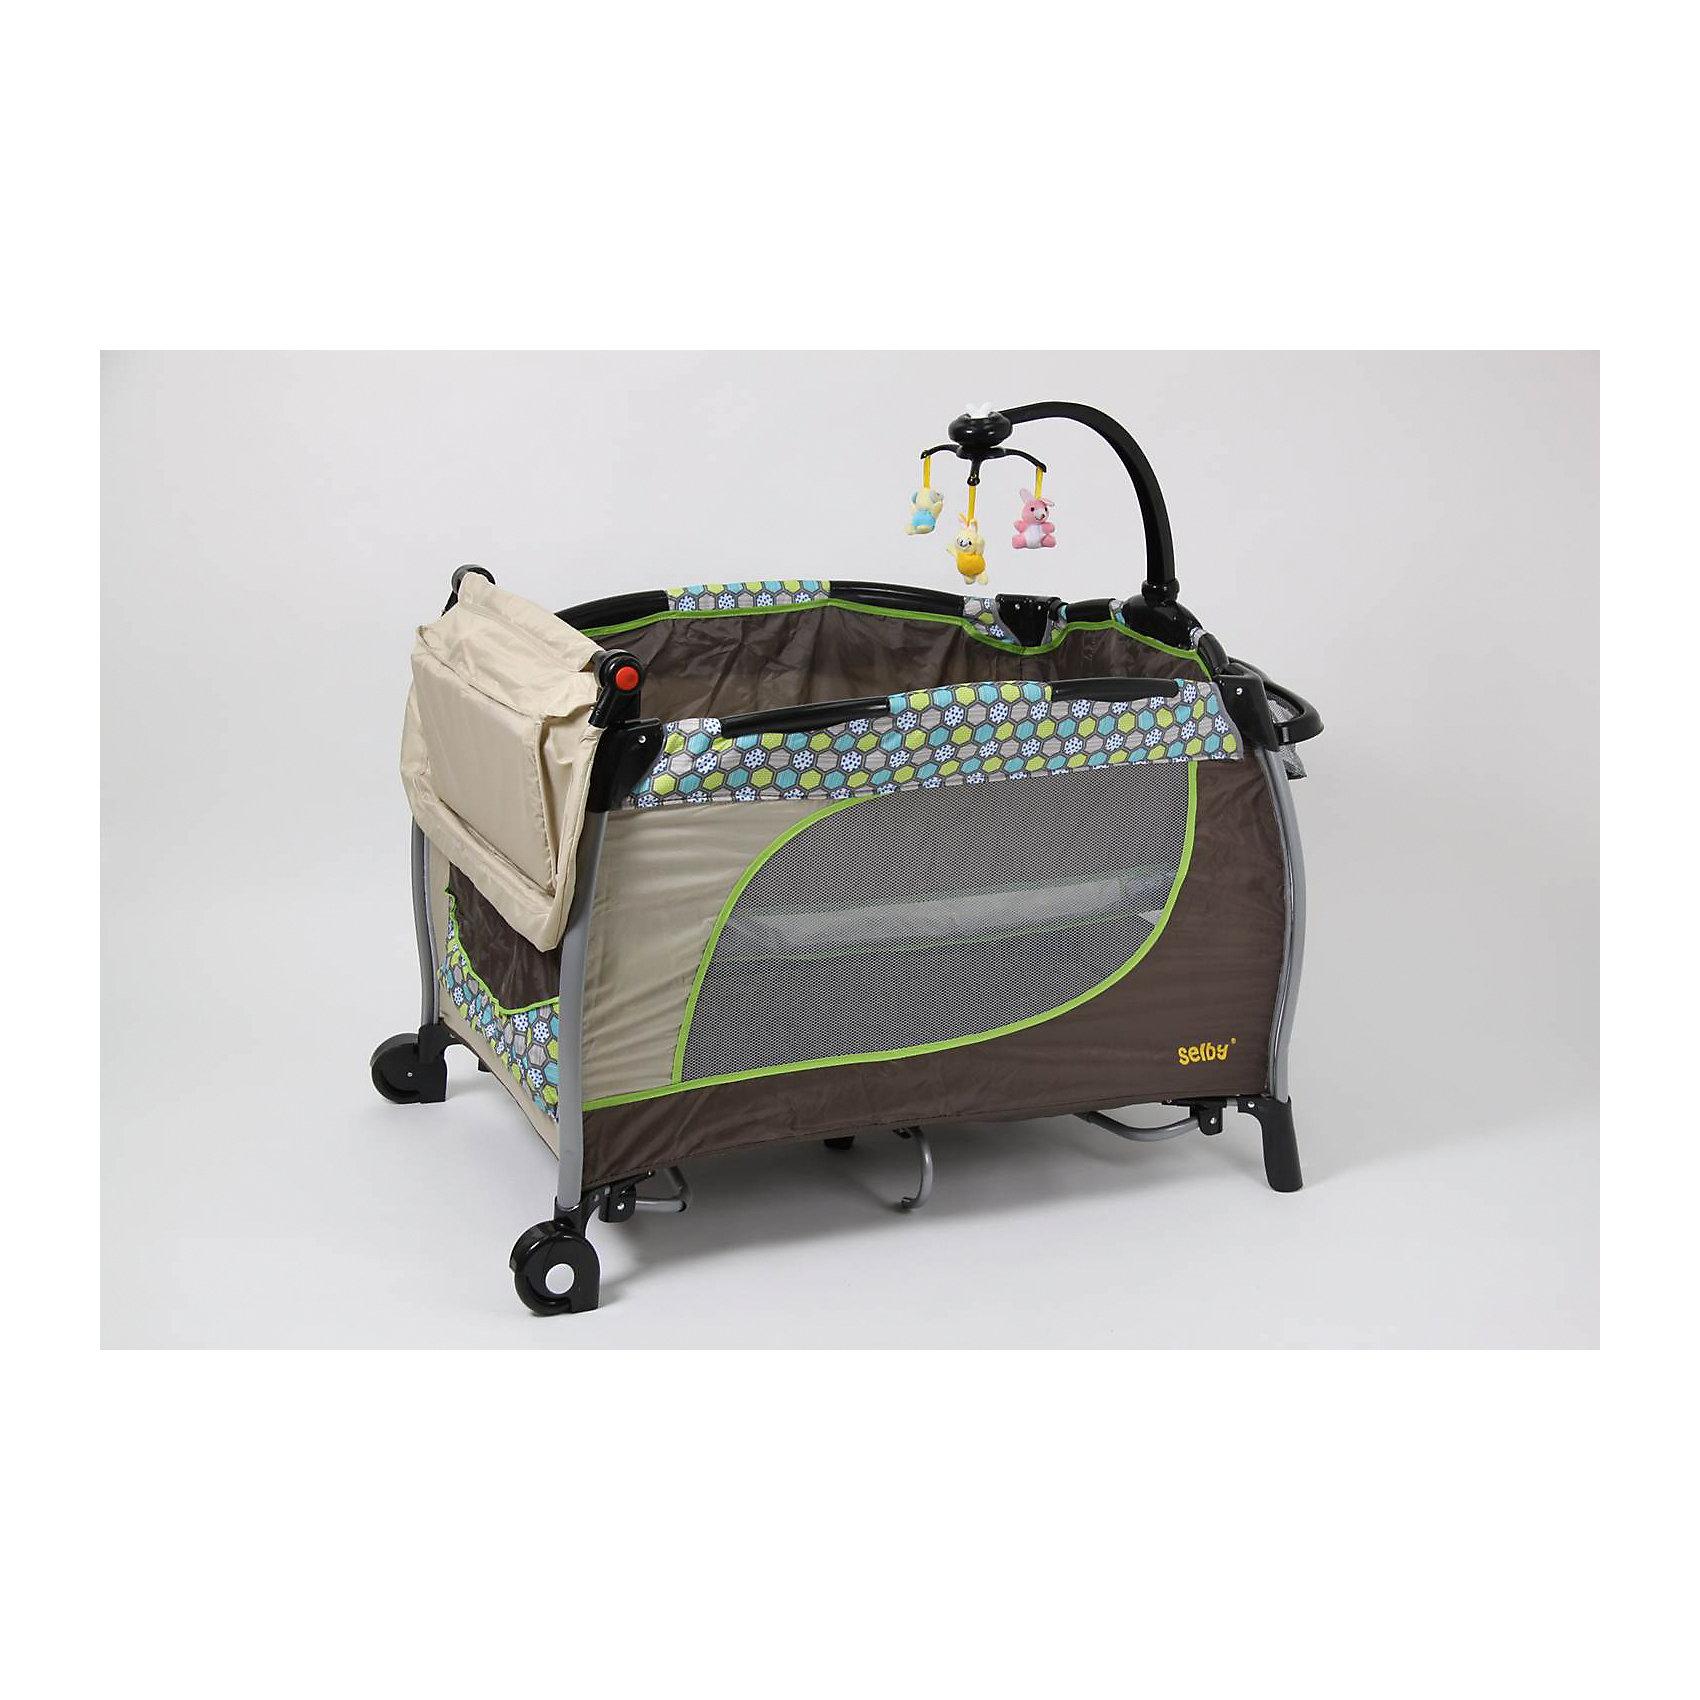 Манеж 213, Selby, бежевыйМанежи-кроватки<br>Характеристики товара:<br><br>• возраст с рождения;<br>• материал: пластик;<br>• 2 уровня высоты;<br>• в комплекте: манеж, сумка, мобиль с игрушками, съемный ящик, пеленальный столик;<br>• 2 колеса<br>• безопасные накладки на углах манежа<br>• карман для хранения мелочей<br>• манеж легко складывается<br>• на манеже устанавливается мобиль с игрушками<br>• стенки манежа из сетчатого материала<br>• размер манежа 110х76х77 см;<br>• вес упаковки 16,8 кг;<br>• страна производитель: Китай.<br><br>Манеж 213 Selby голубой сочетает в себе сразу 3 функции: манеж для игр, кроватка и пеленальный столик. Столик крепится на бортики манежа. Чтобы иметь все необходимые вещи под рукой, для мамы имеется удобный съемный органайзер для мелочей. У манежа 2 уровня высоты: для новорожденного используется верхний уровень, а для детей постарше нижний уровень. <br><br>На манеж устанавливается мобиль с подвесными игрушками, которые малыш может рассматривать, трогать, хватать, что поспособствует развитию мелкой моторики рук, хватательного рефлекса, зрительного восприятия. Стенки манежа выполнены из сетчатого материала, который обеспечивает хороший воздухообмен. 2 колесика облегчают перемещение по квартире. Углы манежа закрыты пластиковыми накладками, чтобы избежать случайных травм. <br><br>Конструкция отличается хорошей устойчивостью благодаря дополнительным ножкам по центру. Манеж можно использовать не только дома, но и брать с собой в поездку или на дачу, так как он легко складывается. Для его транспортировки имеется удобная сумка.<br><br>Манеж 213 Selby голубой можно приобрести в нашем интернет-магазине.<br><br>Ширина мм: 1070<br>Глубина мм: 800<br>Высота мм: 770<br>Вес г: 16800<br>Возраст от месяцев: 0<br>Возраст до месяцев: 36<br>Пол: Унисекс<br>Возраст: Детский<br>SKU: 5610150